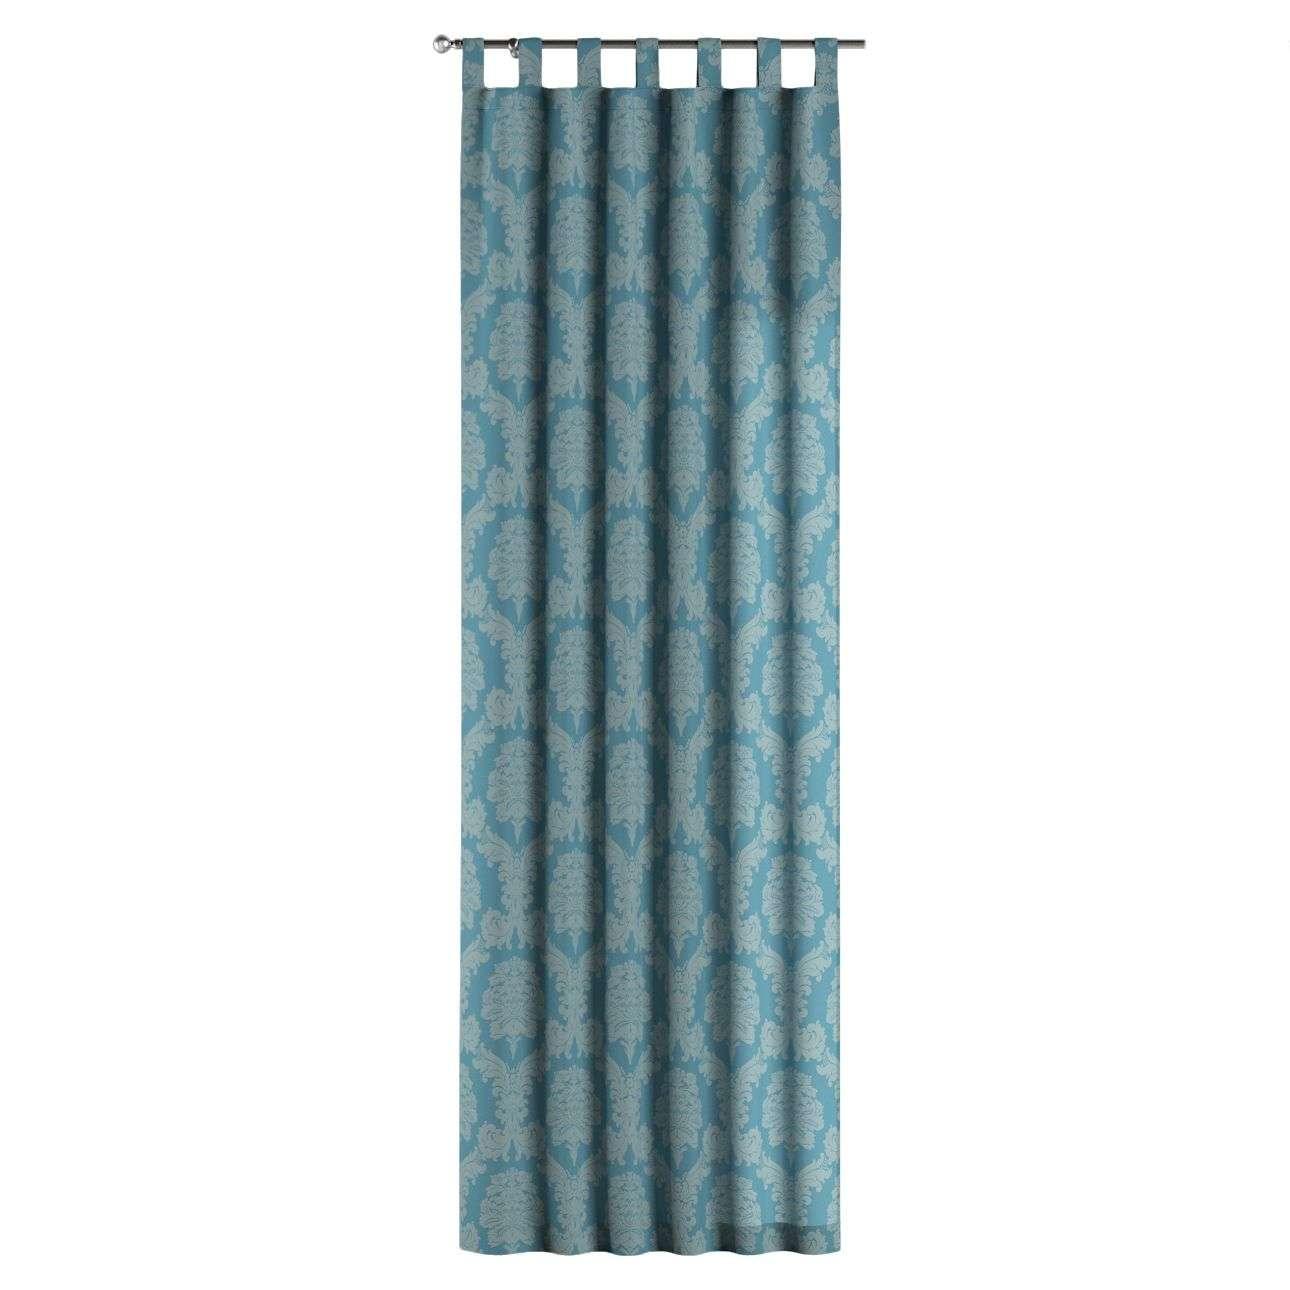 Gardin med stropper 130 x 260 cm fra kollektionen Damasco, Stof: 613-67